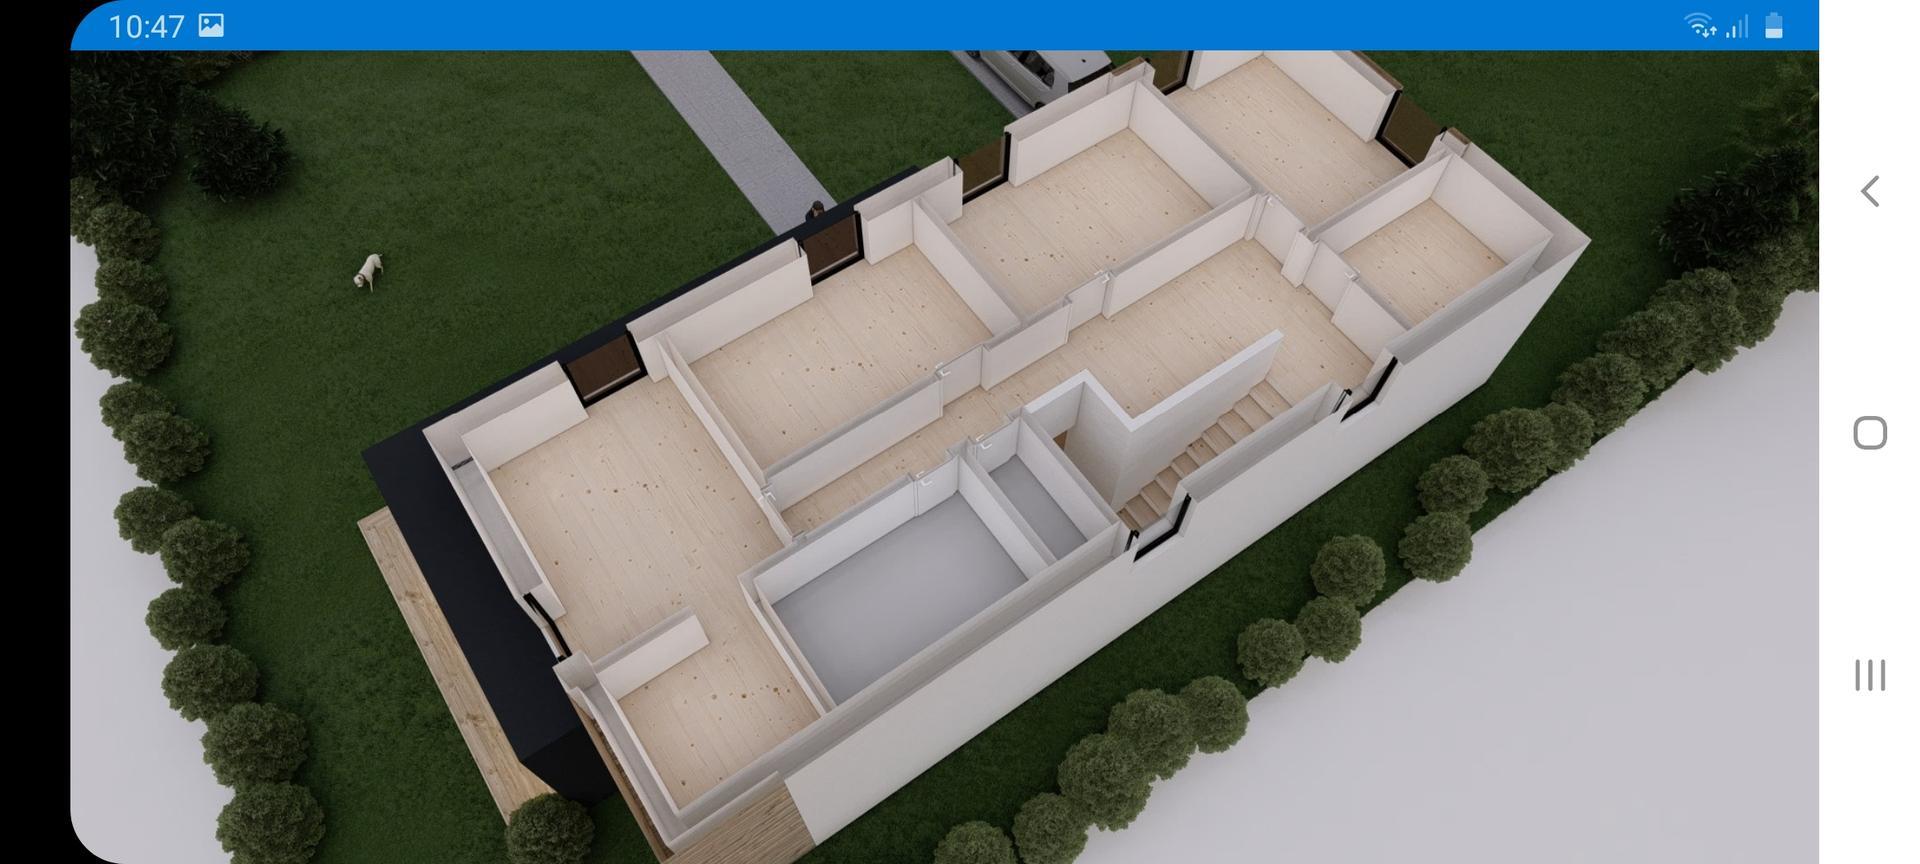 Náš domček 🥰❤ - Obrázok č. 4